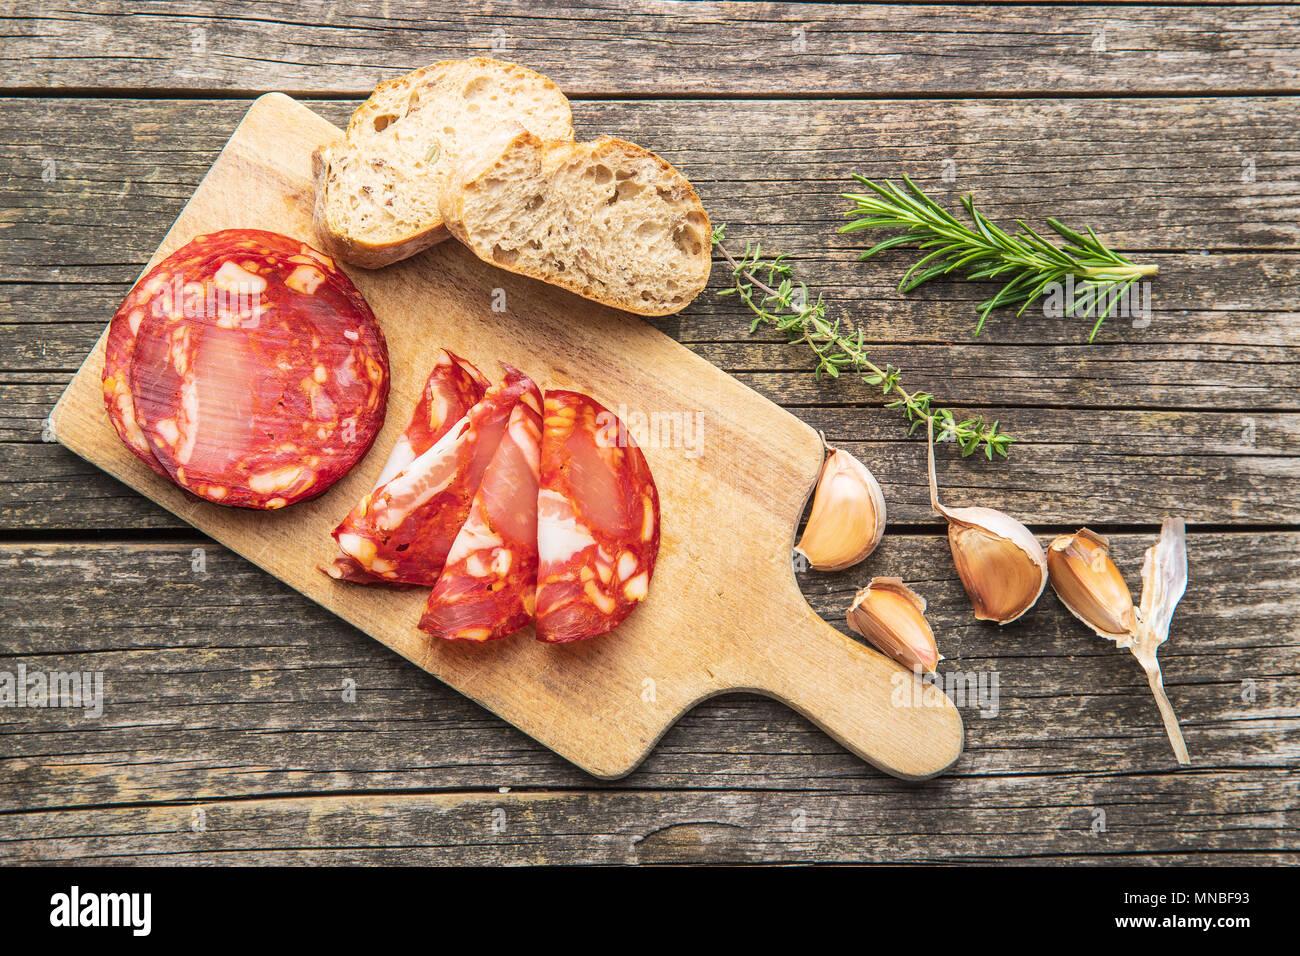 Tranches de salami Chorizo Saucisson sur une planche à découper. Photo Stock